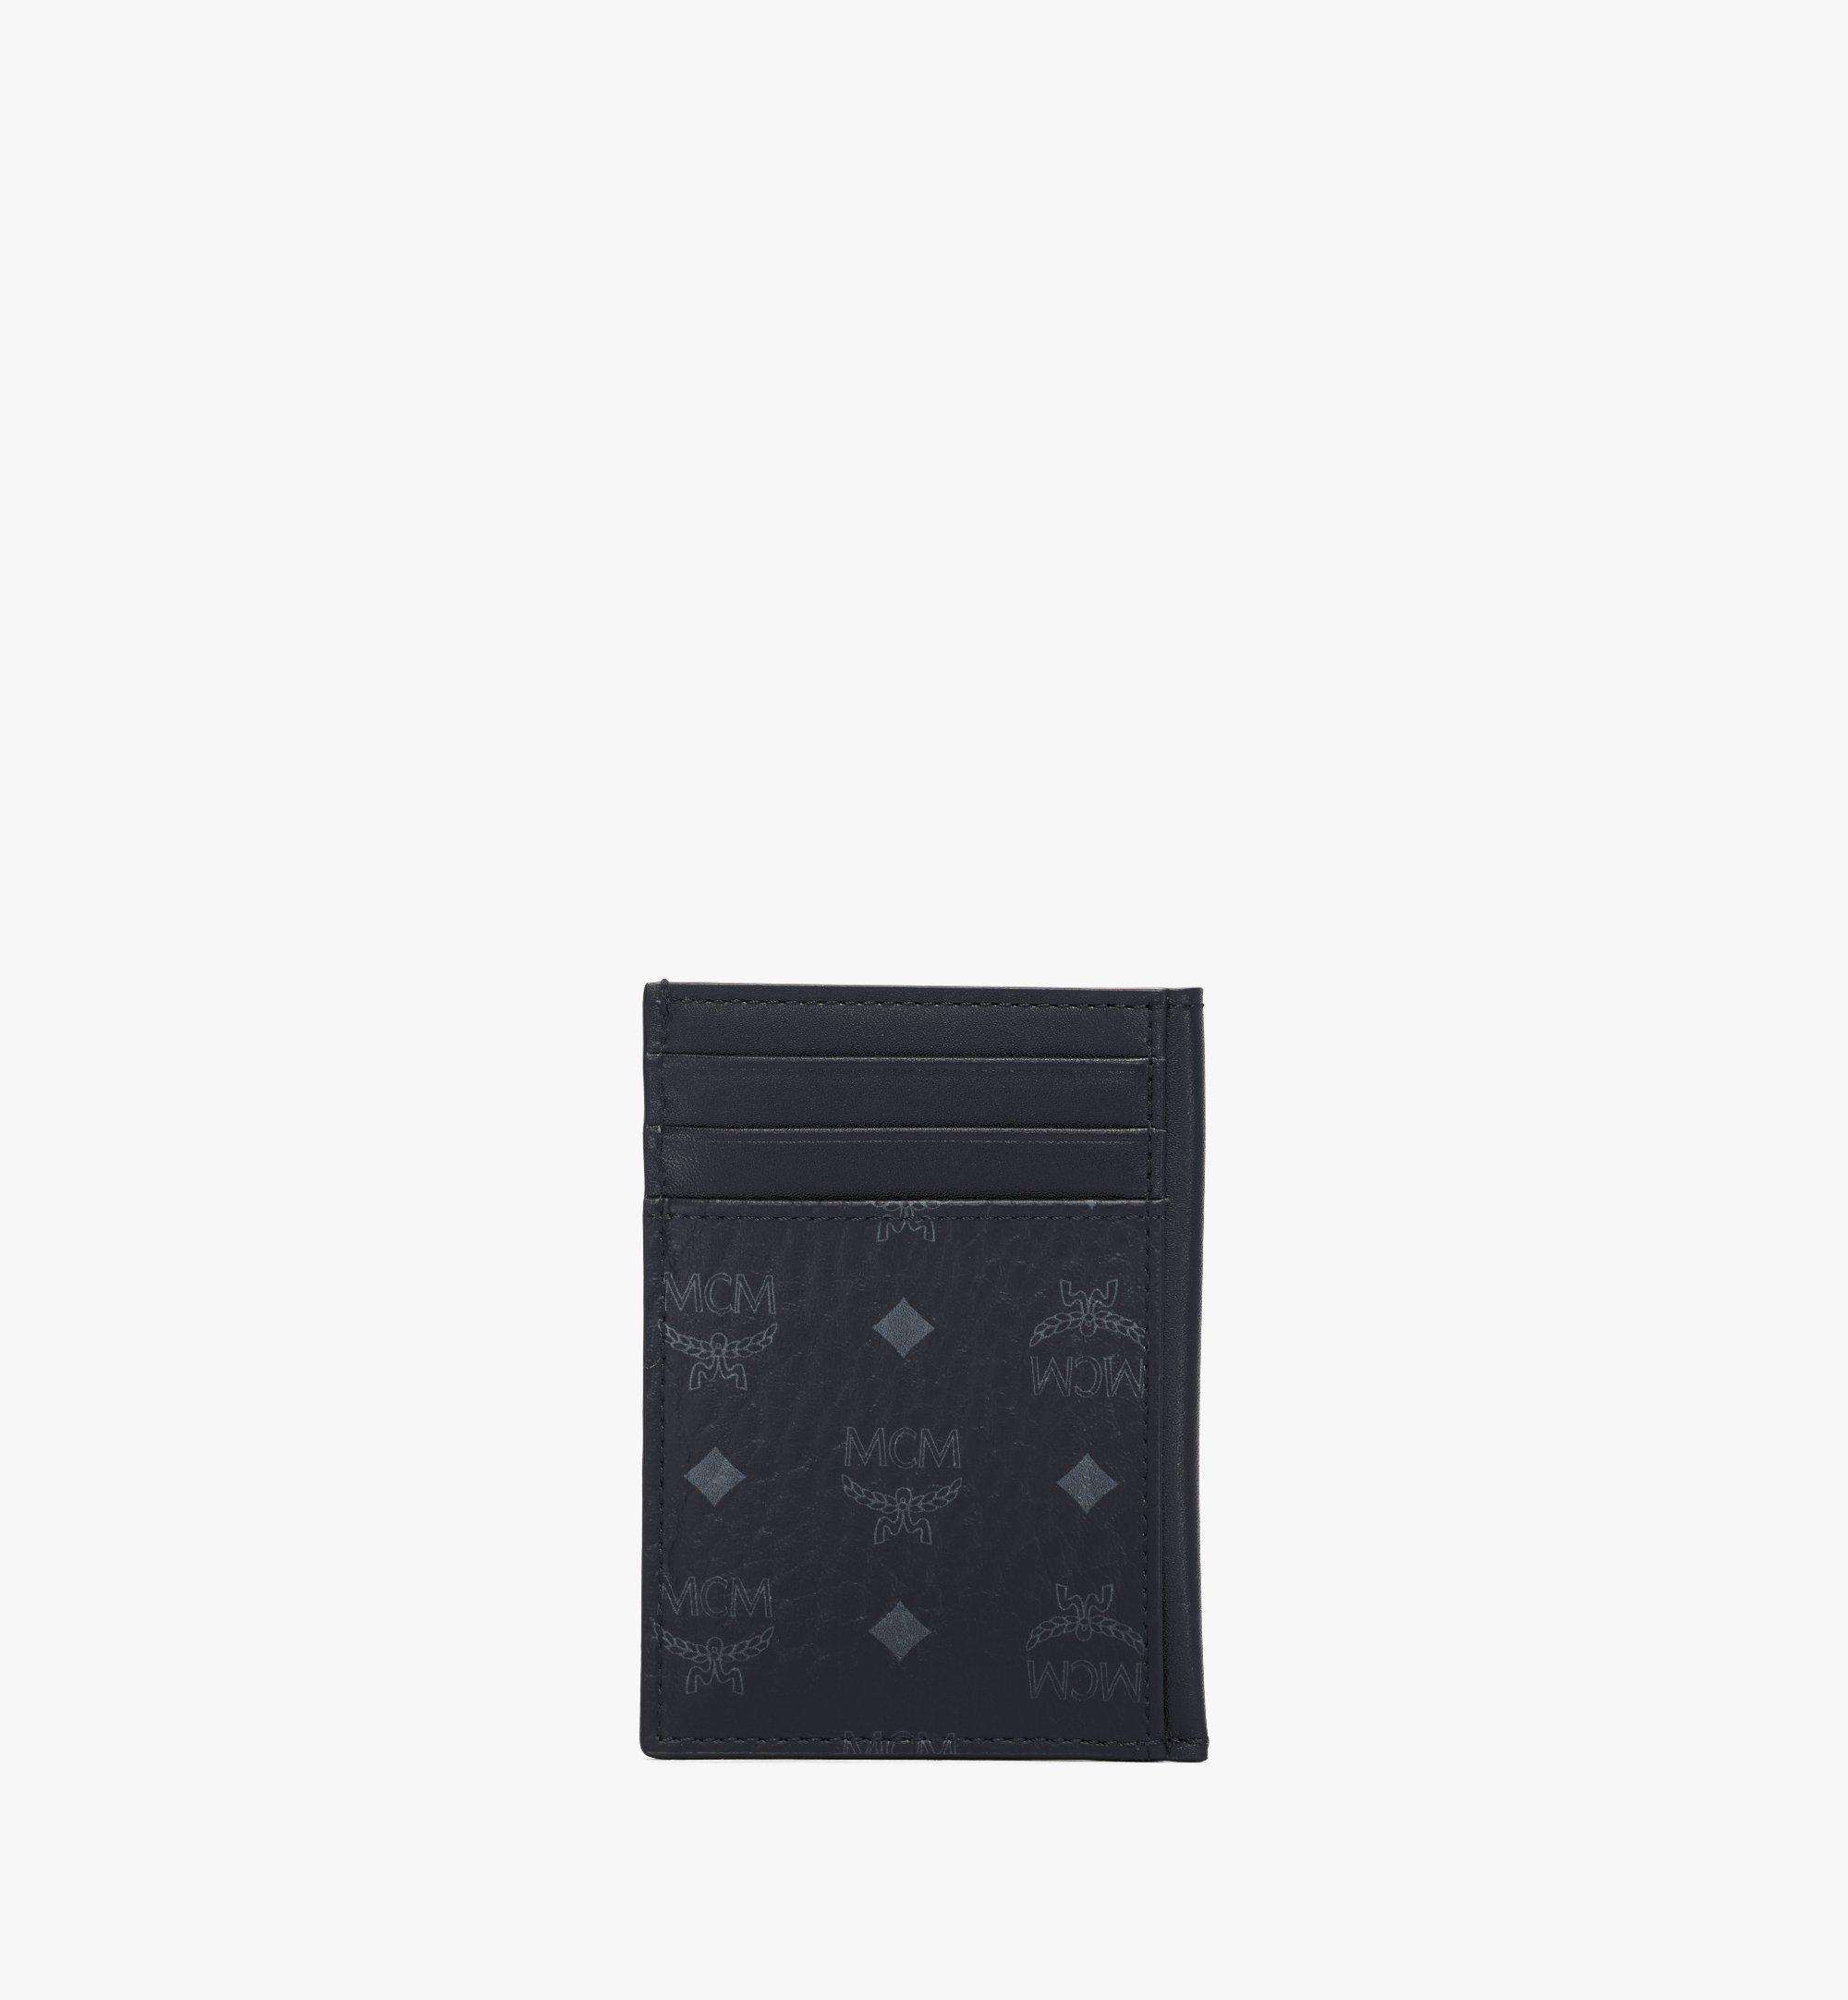 MCM N/S Card Case in Visetos Original Black MXAAAVI03BK001 Alternate View 3